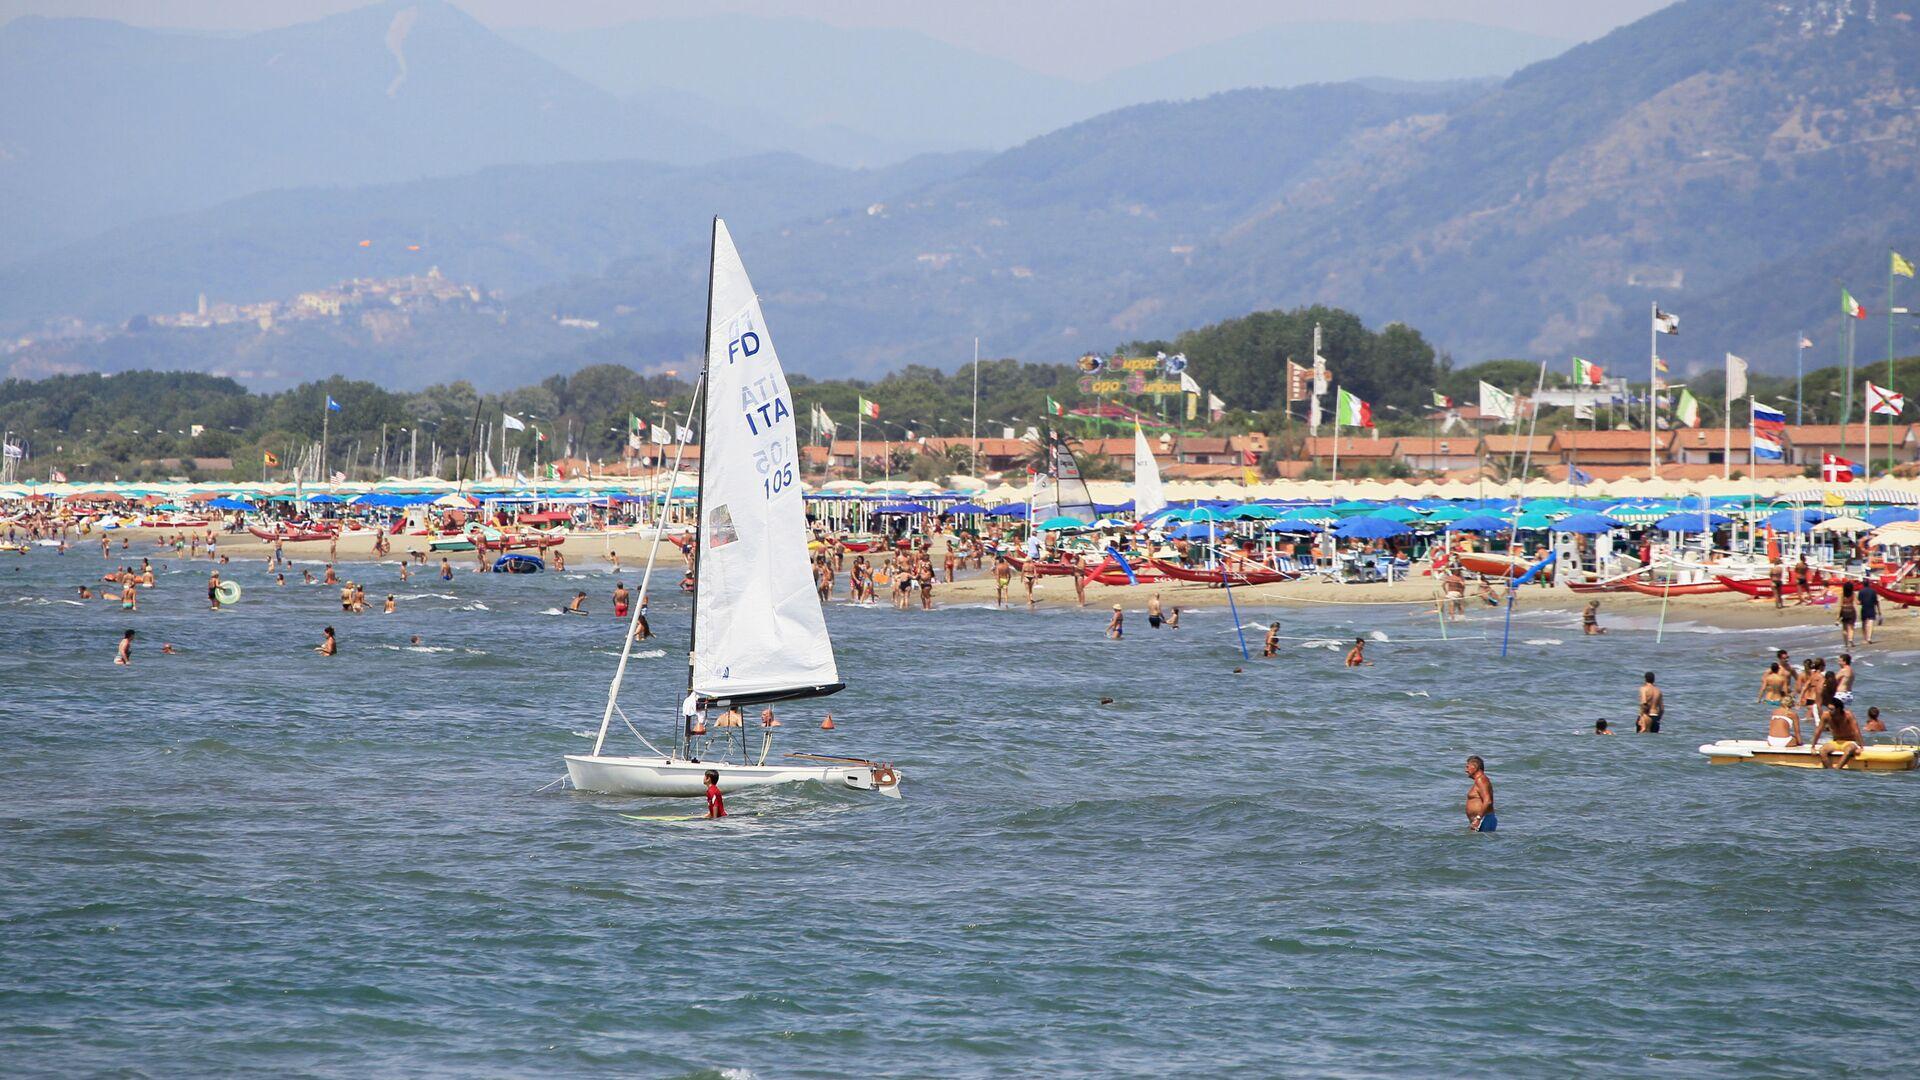 I vacanzieri sulla spiaggia a Forte dei Marmi, Toscana - Sputnik Italia, 1920, 01.08.2021